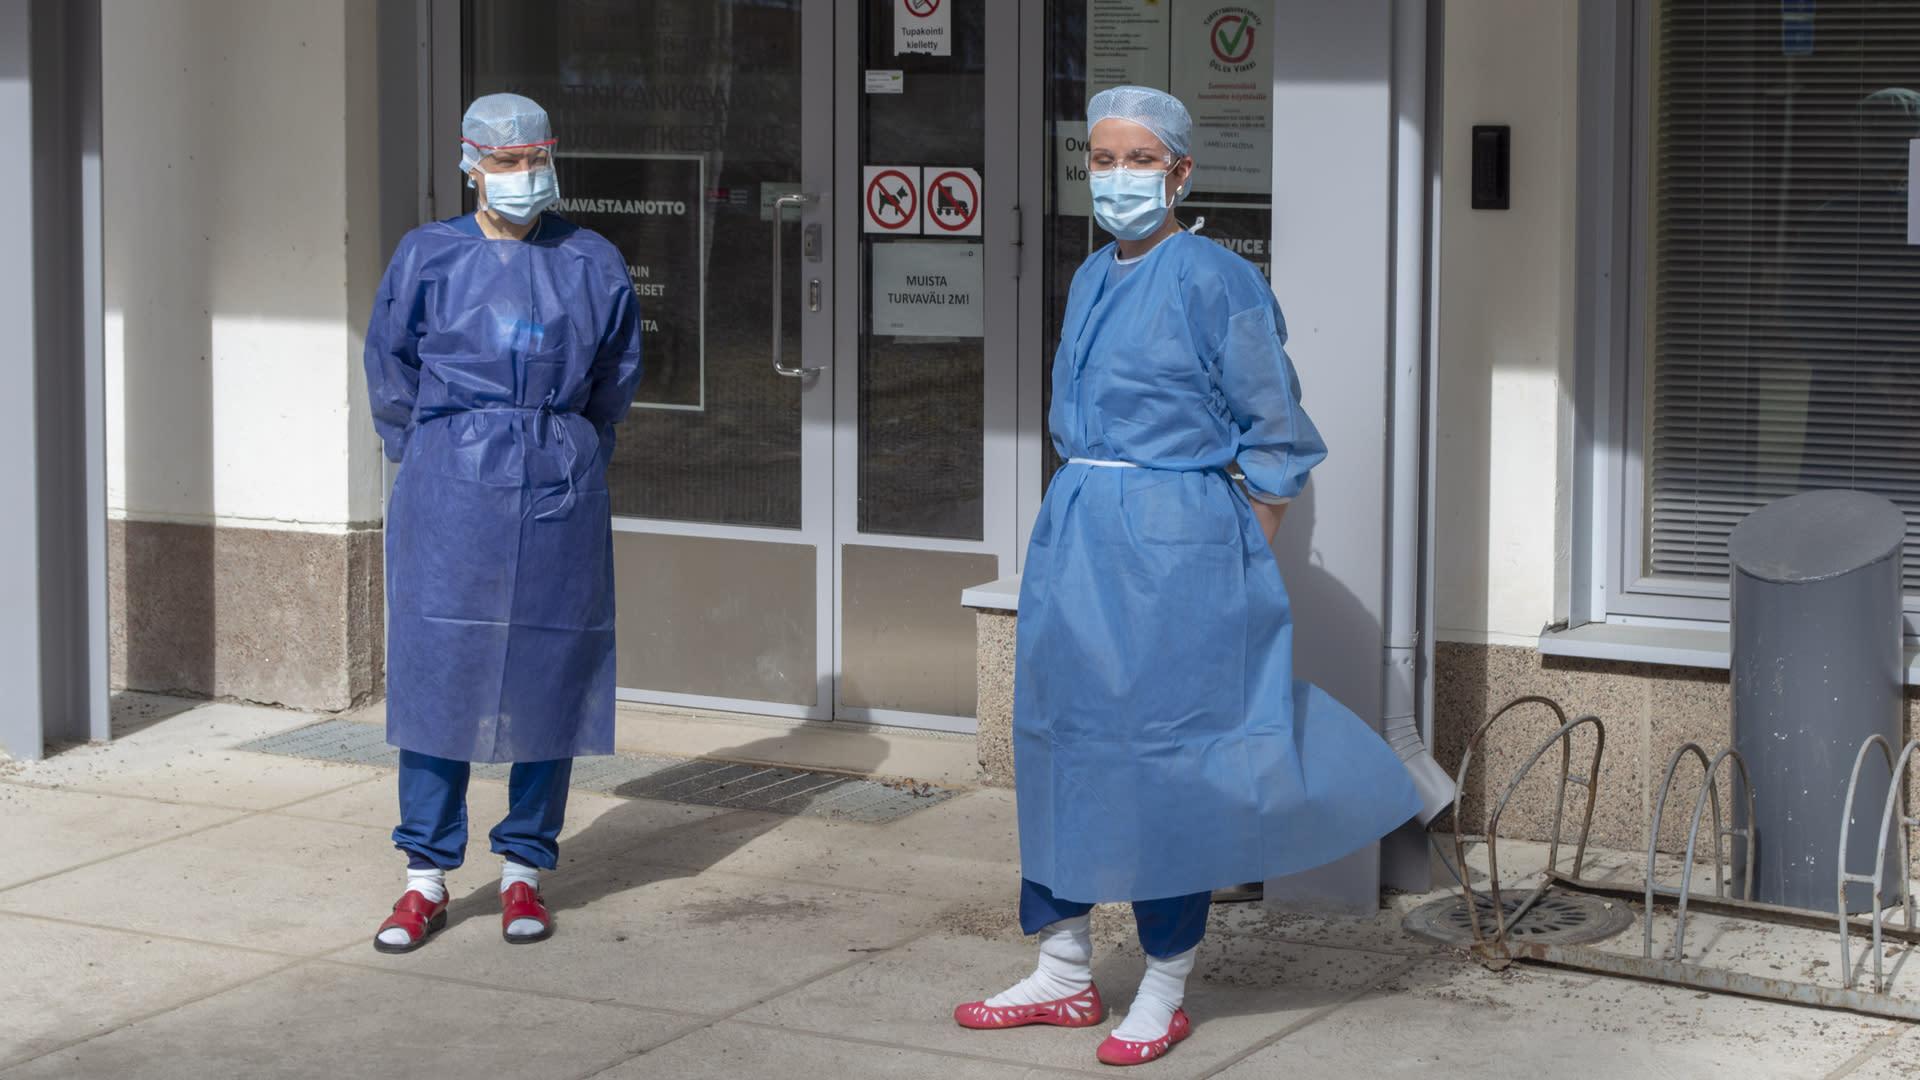 sairaanhoitajia suojavaatteissa korona vastaanotossa ulkoovella Oulussa